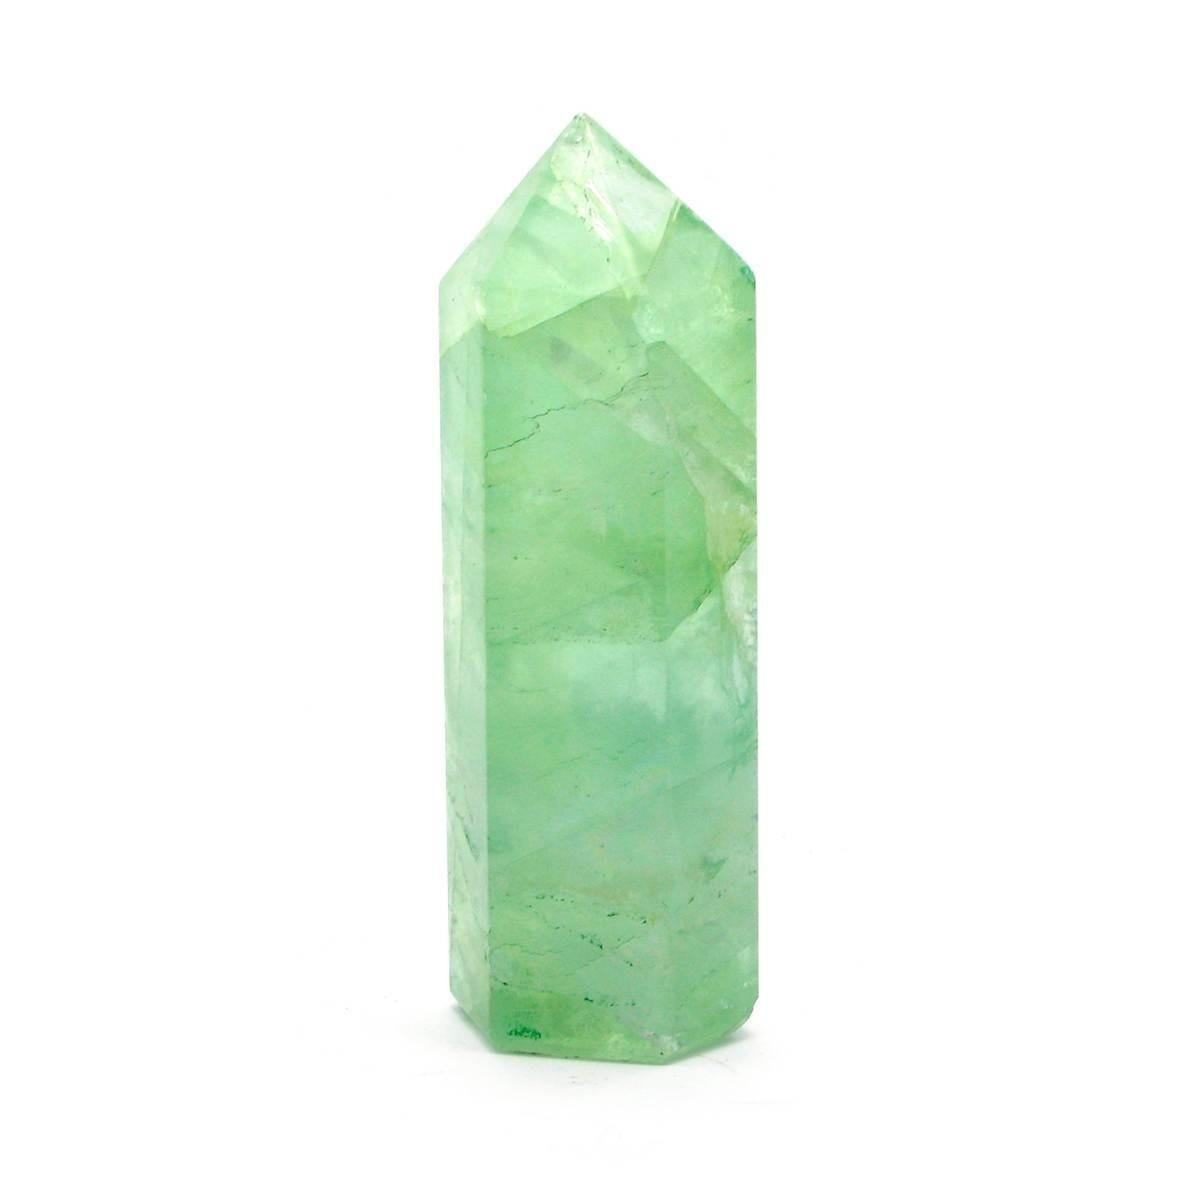 Кристалл кварца зеленый